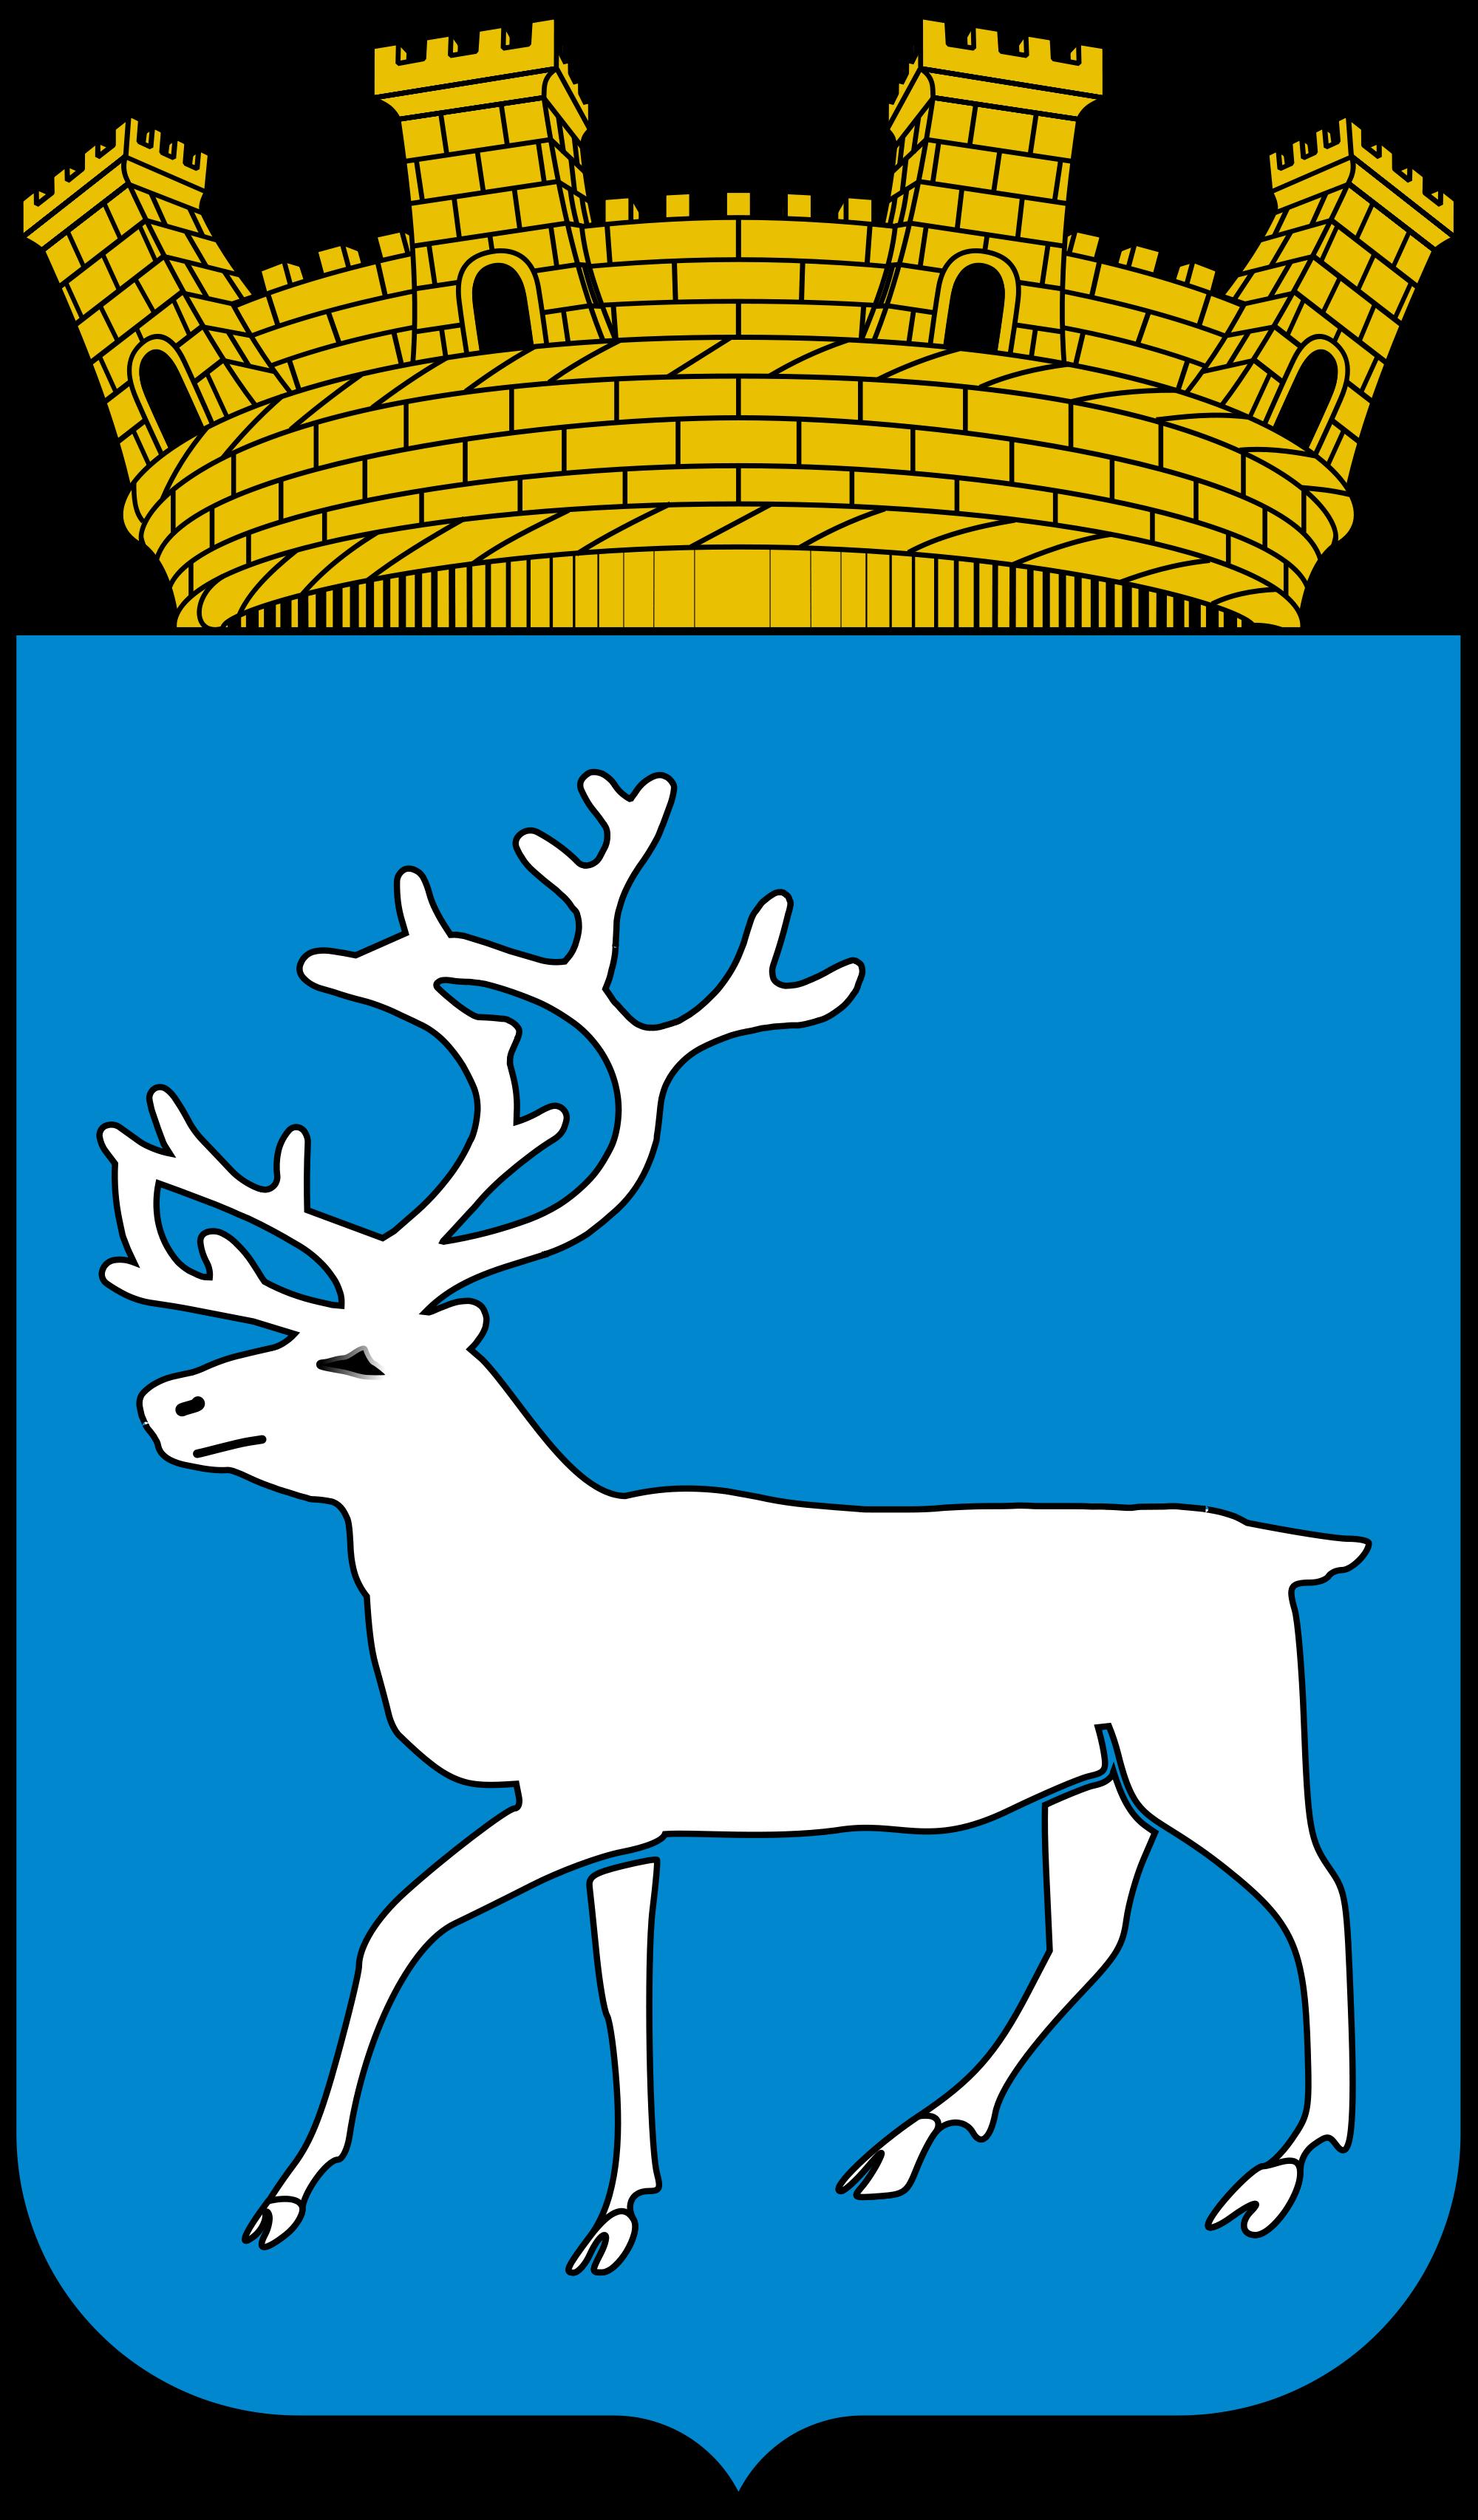 Eldre utgåve av kommunevåpenet til Tromsø